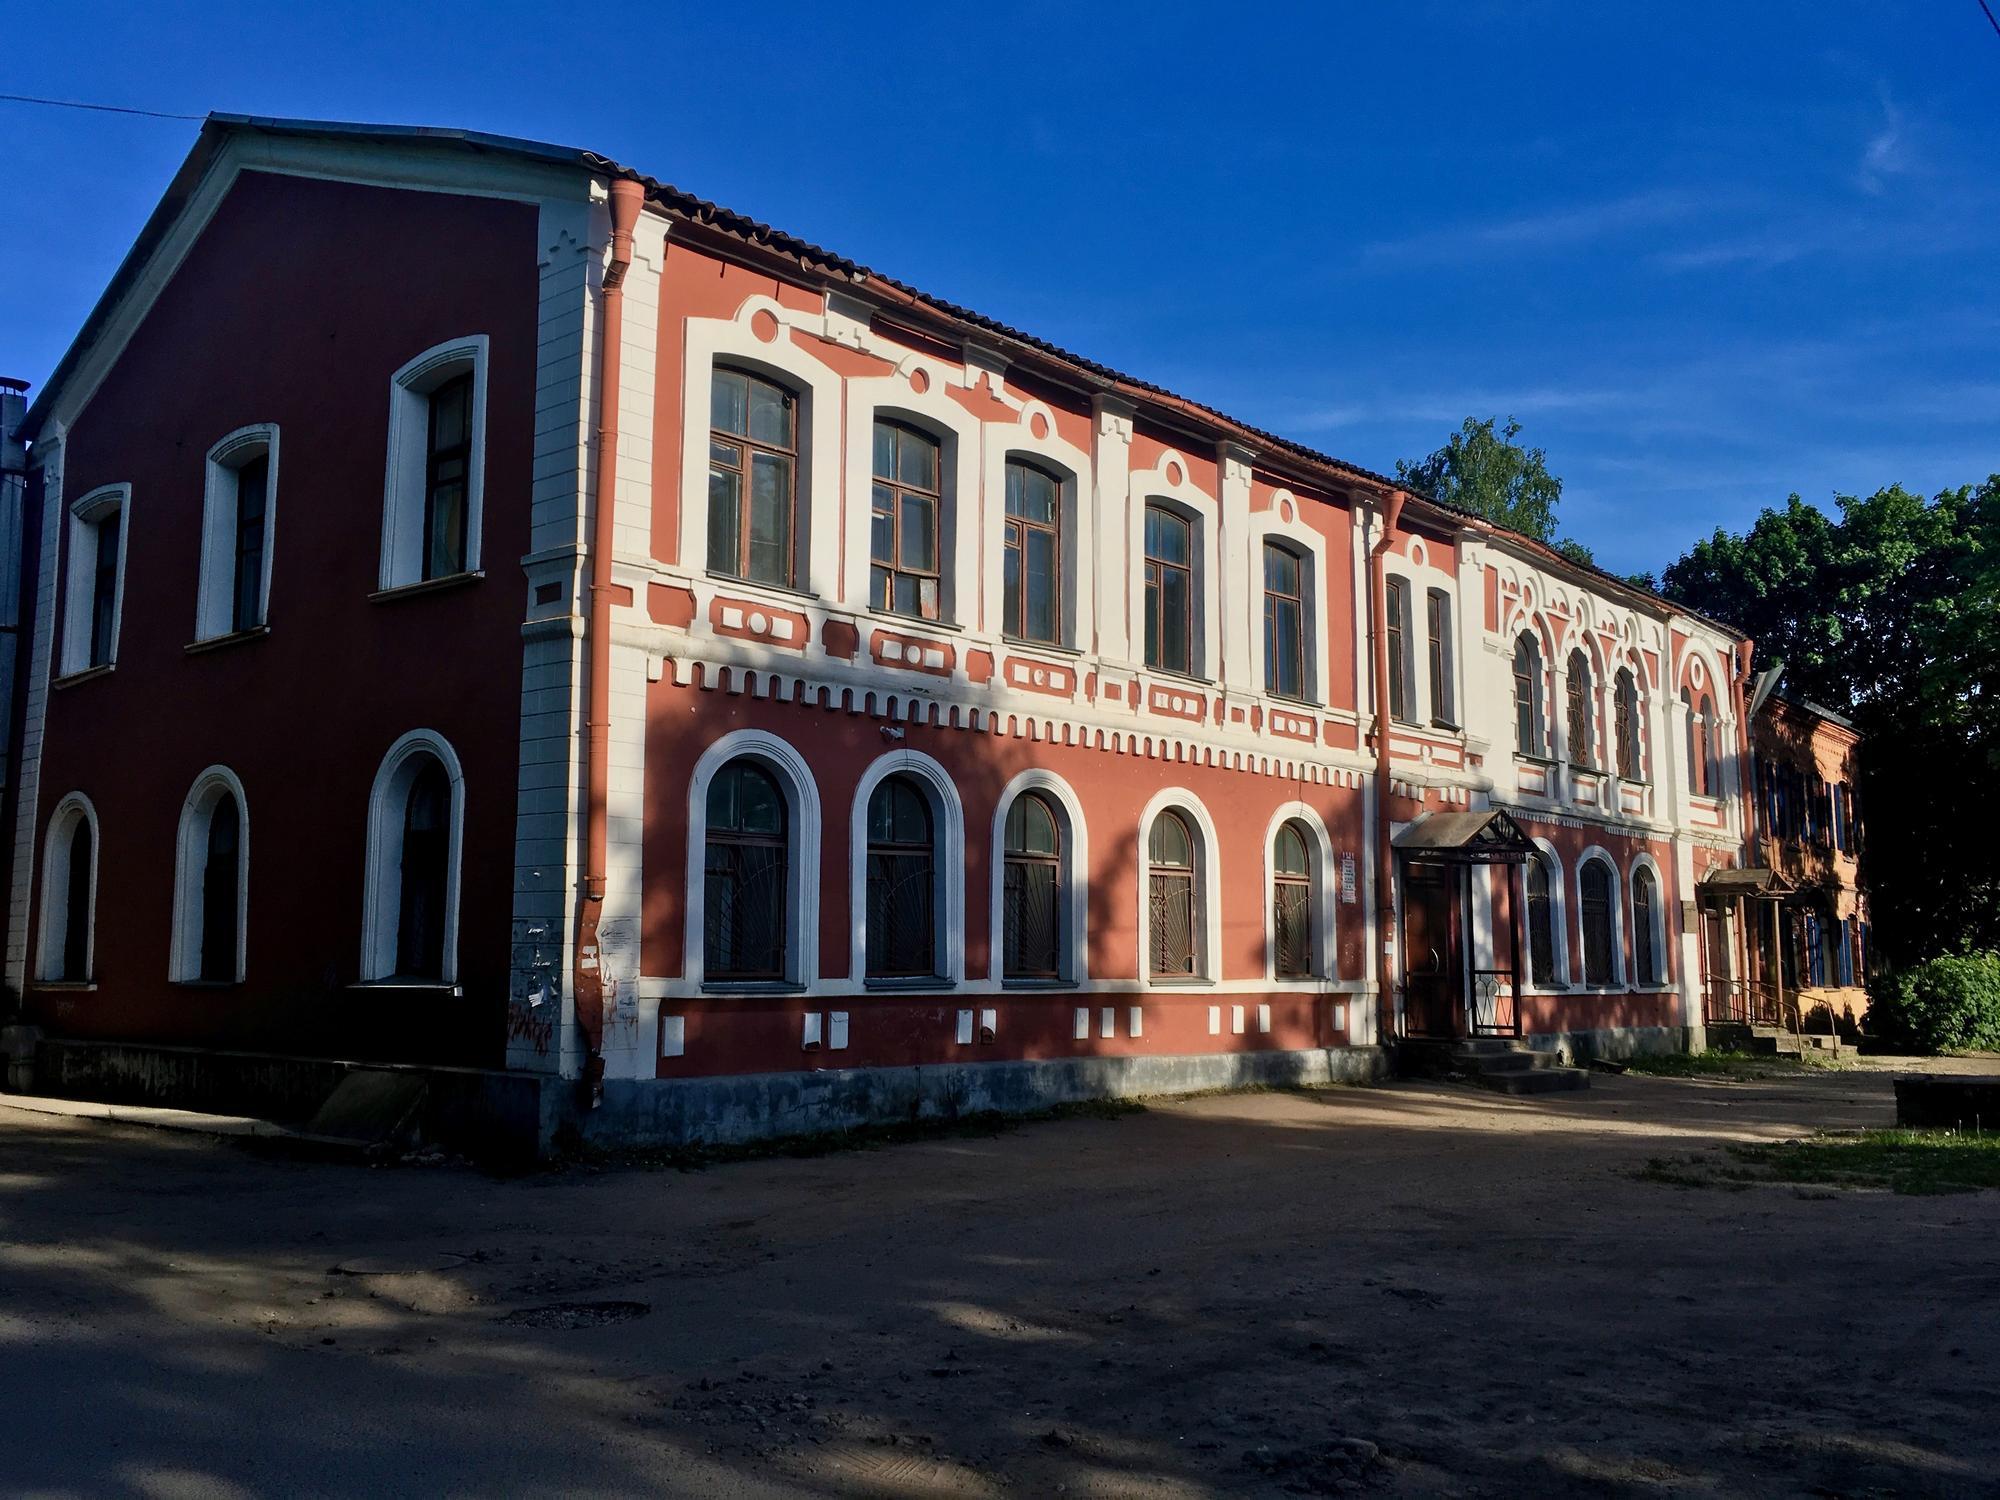 🇷🇺 Ивангород, Россия, май 2018.